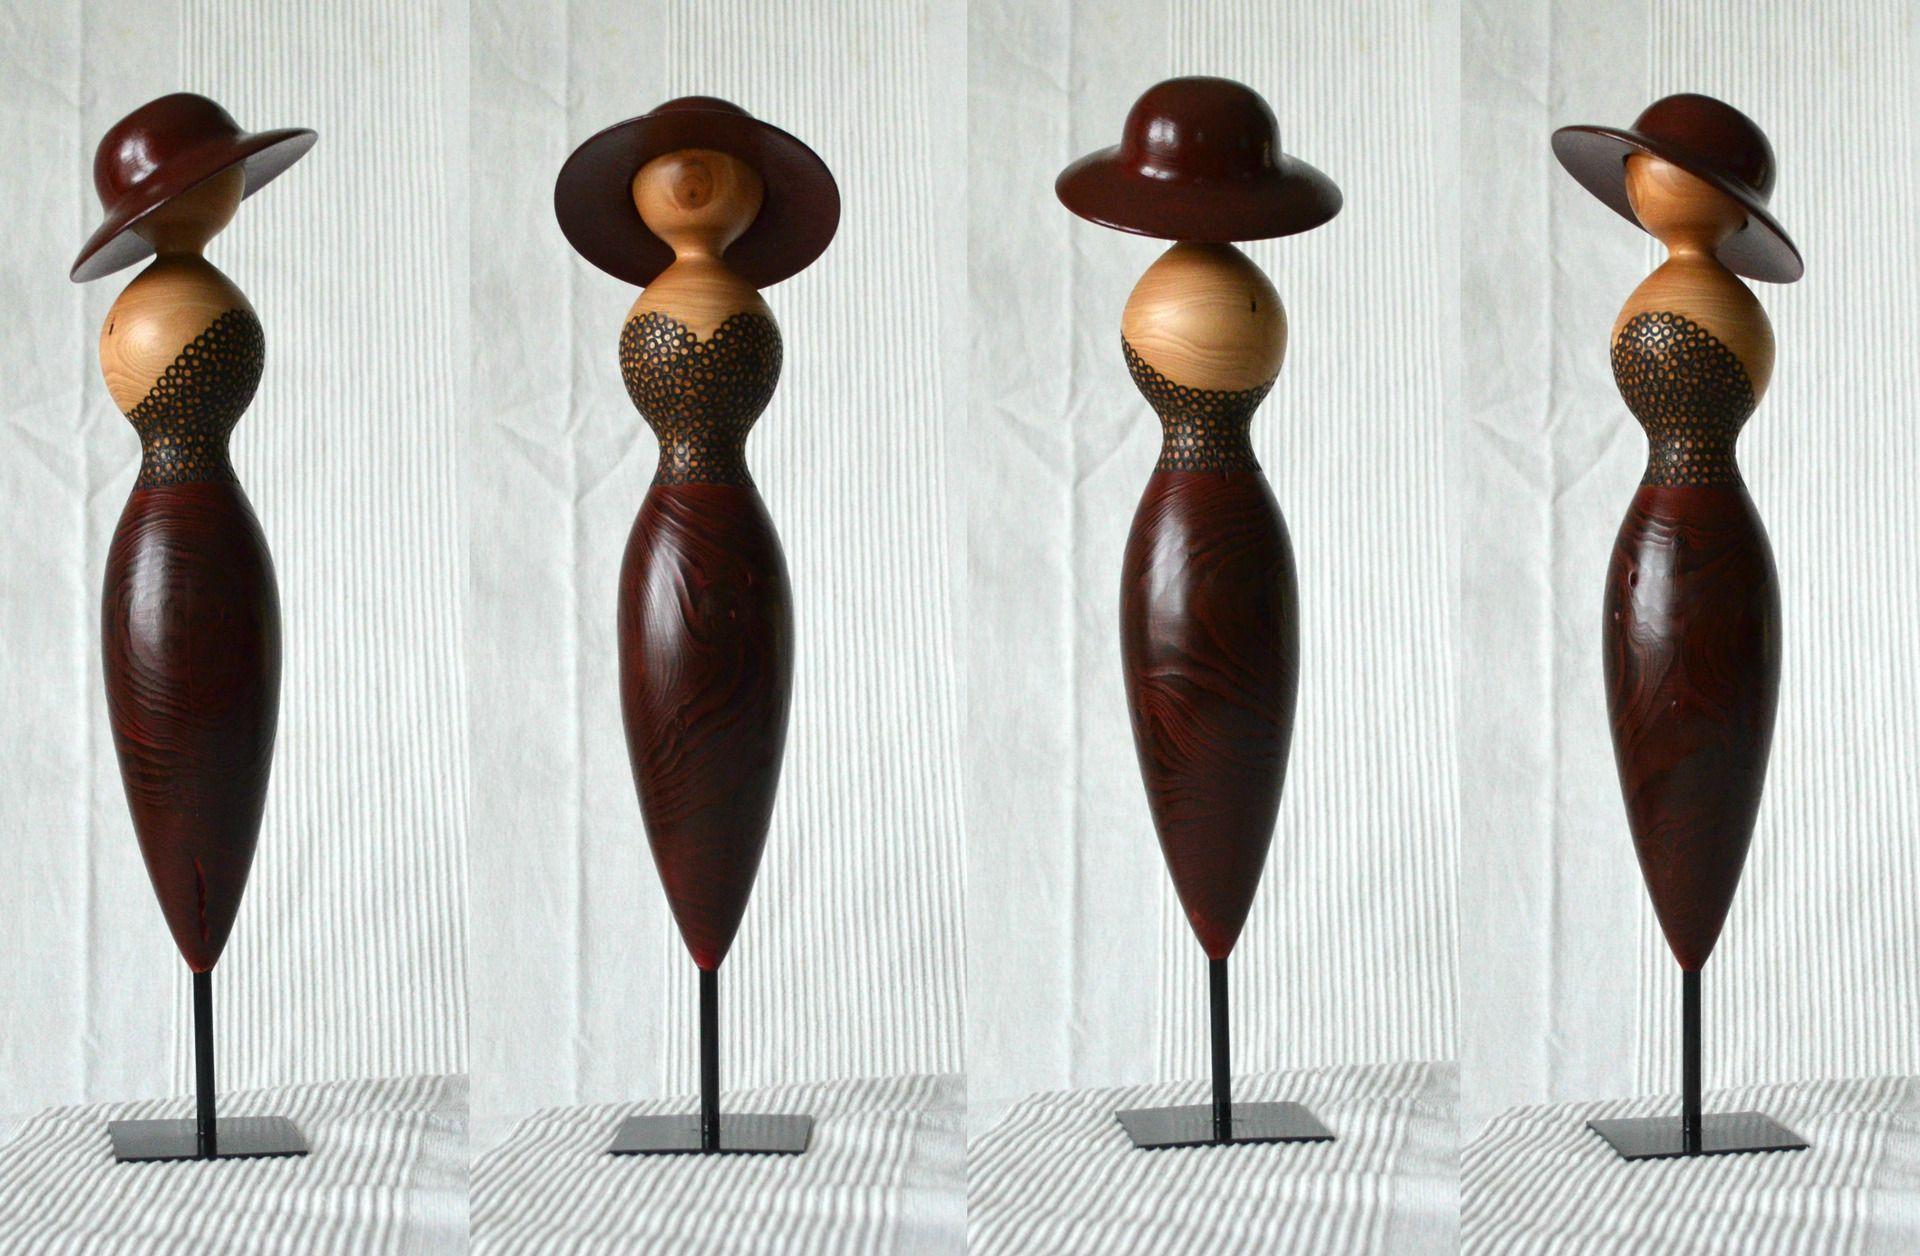 statue en bois de c dre tourn artisanalement accessoires de maison par lolotourneur tournage. Black Bedroom Furniture Sets. Home Design Ideas